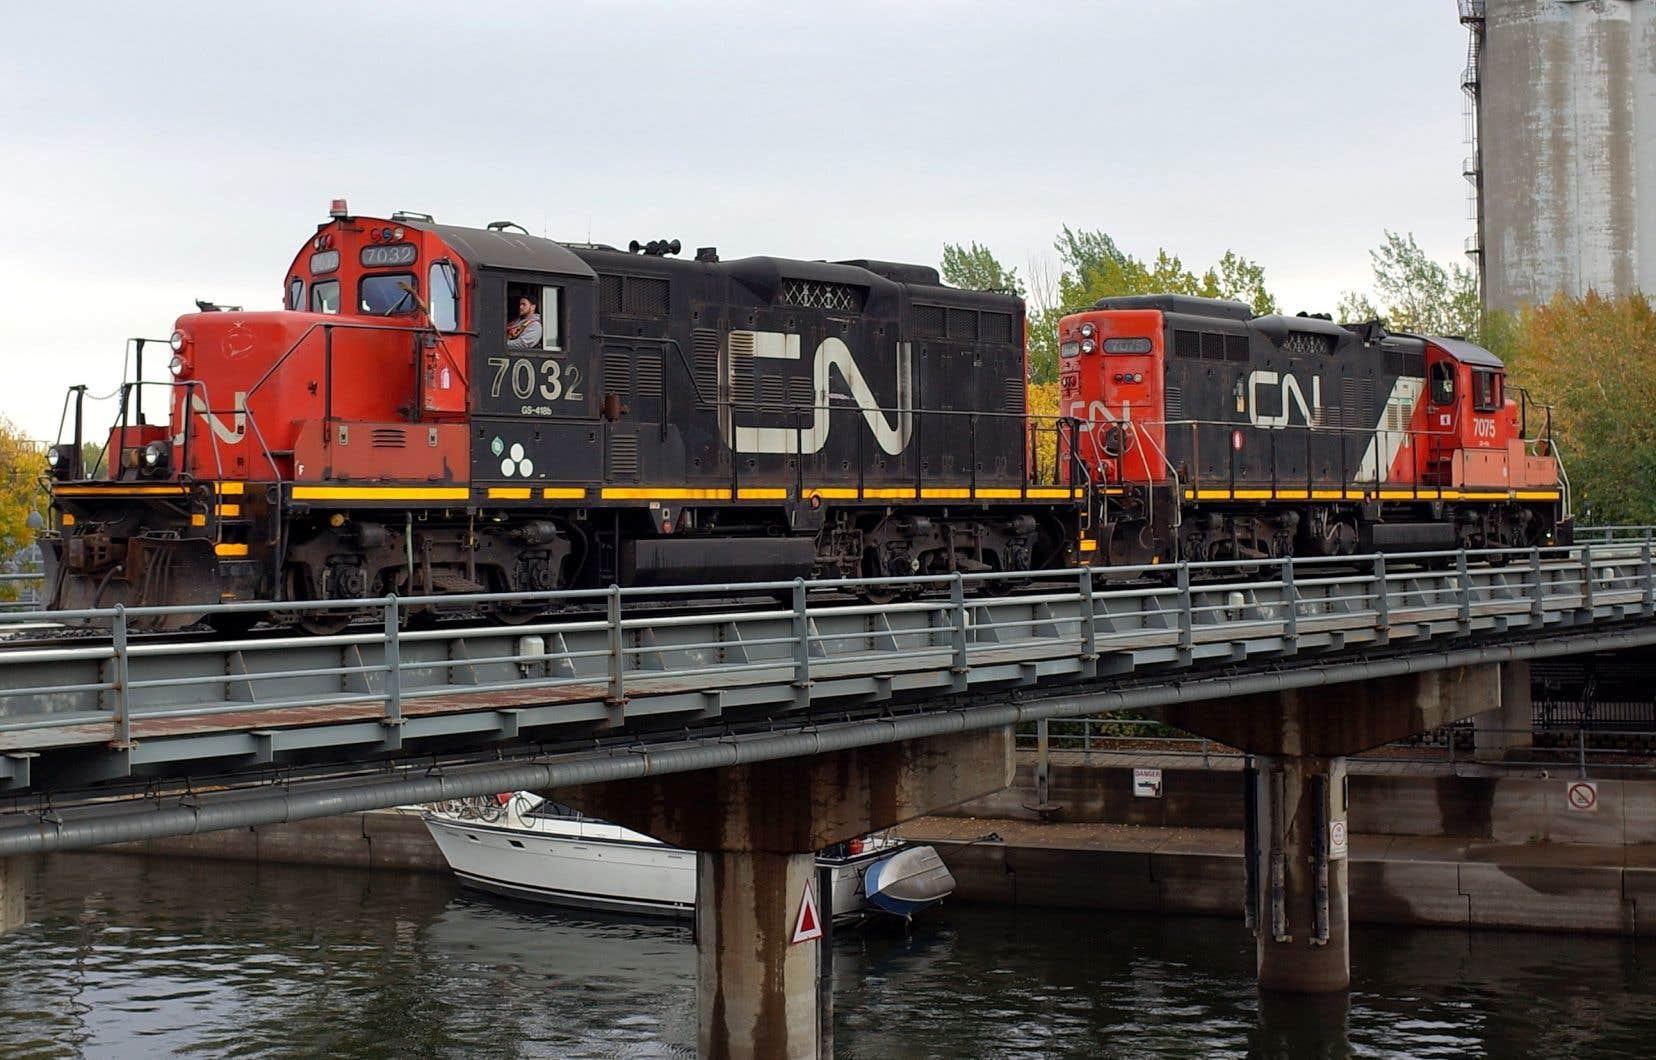 Le syndicat des Teamsters annonce que quelque 3000 employés du Canadien National pourraient déclencher une grève dès le 19novembre prochain.